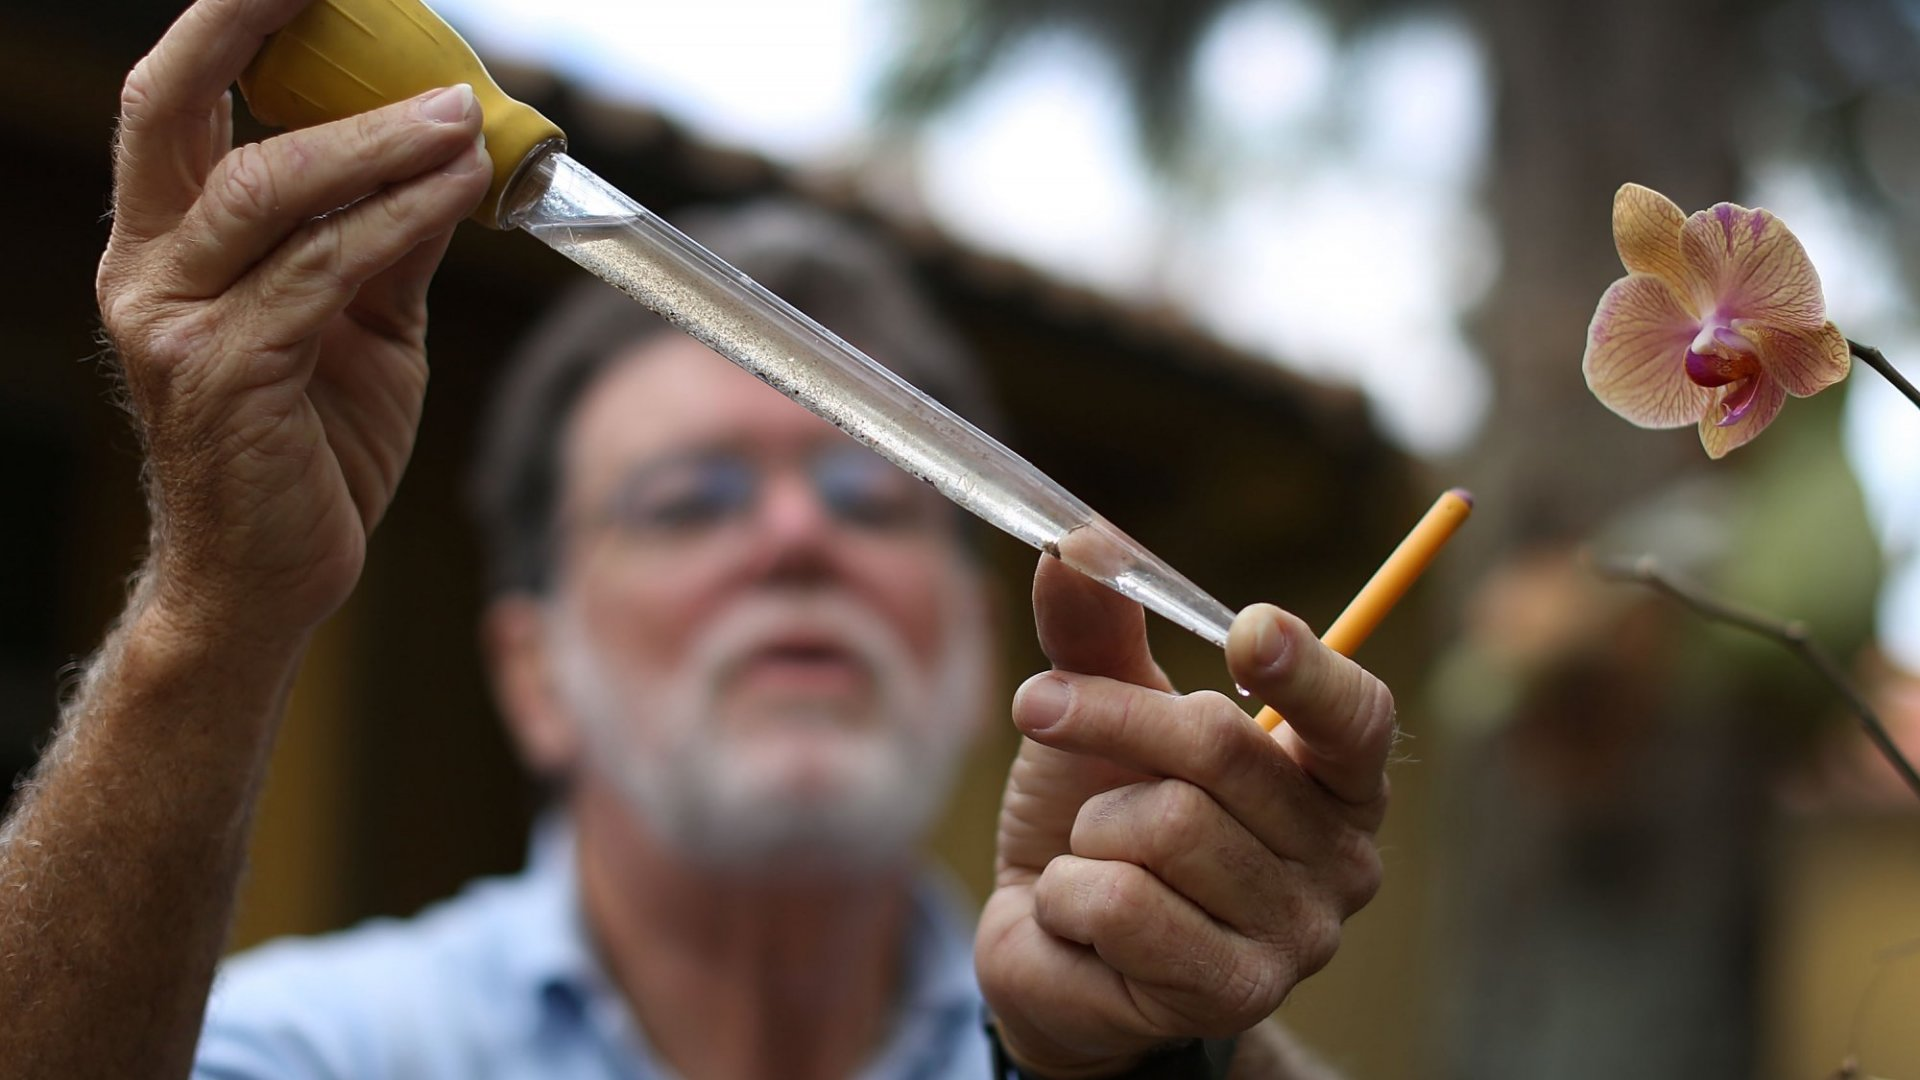 Examining mosquito larvae in Zika-affected Miami.